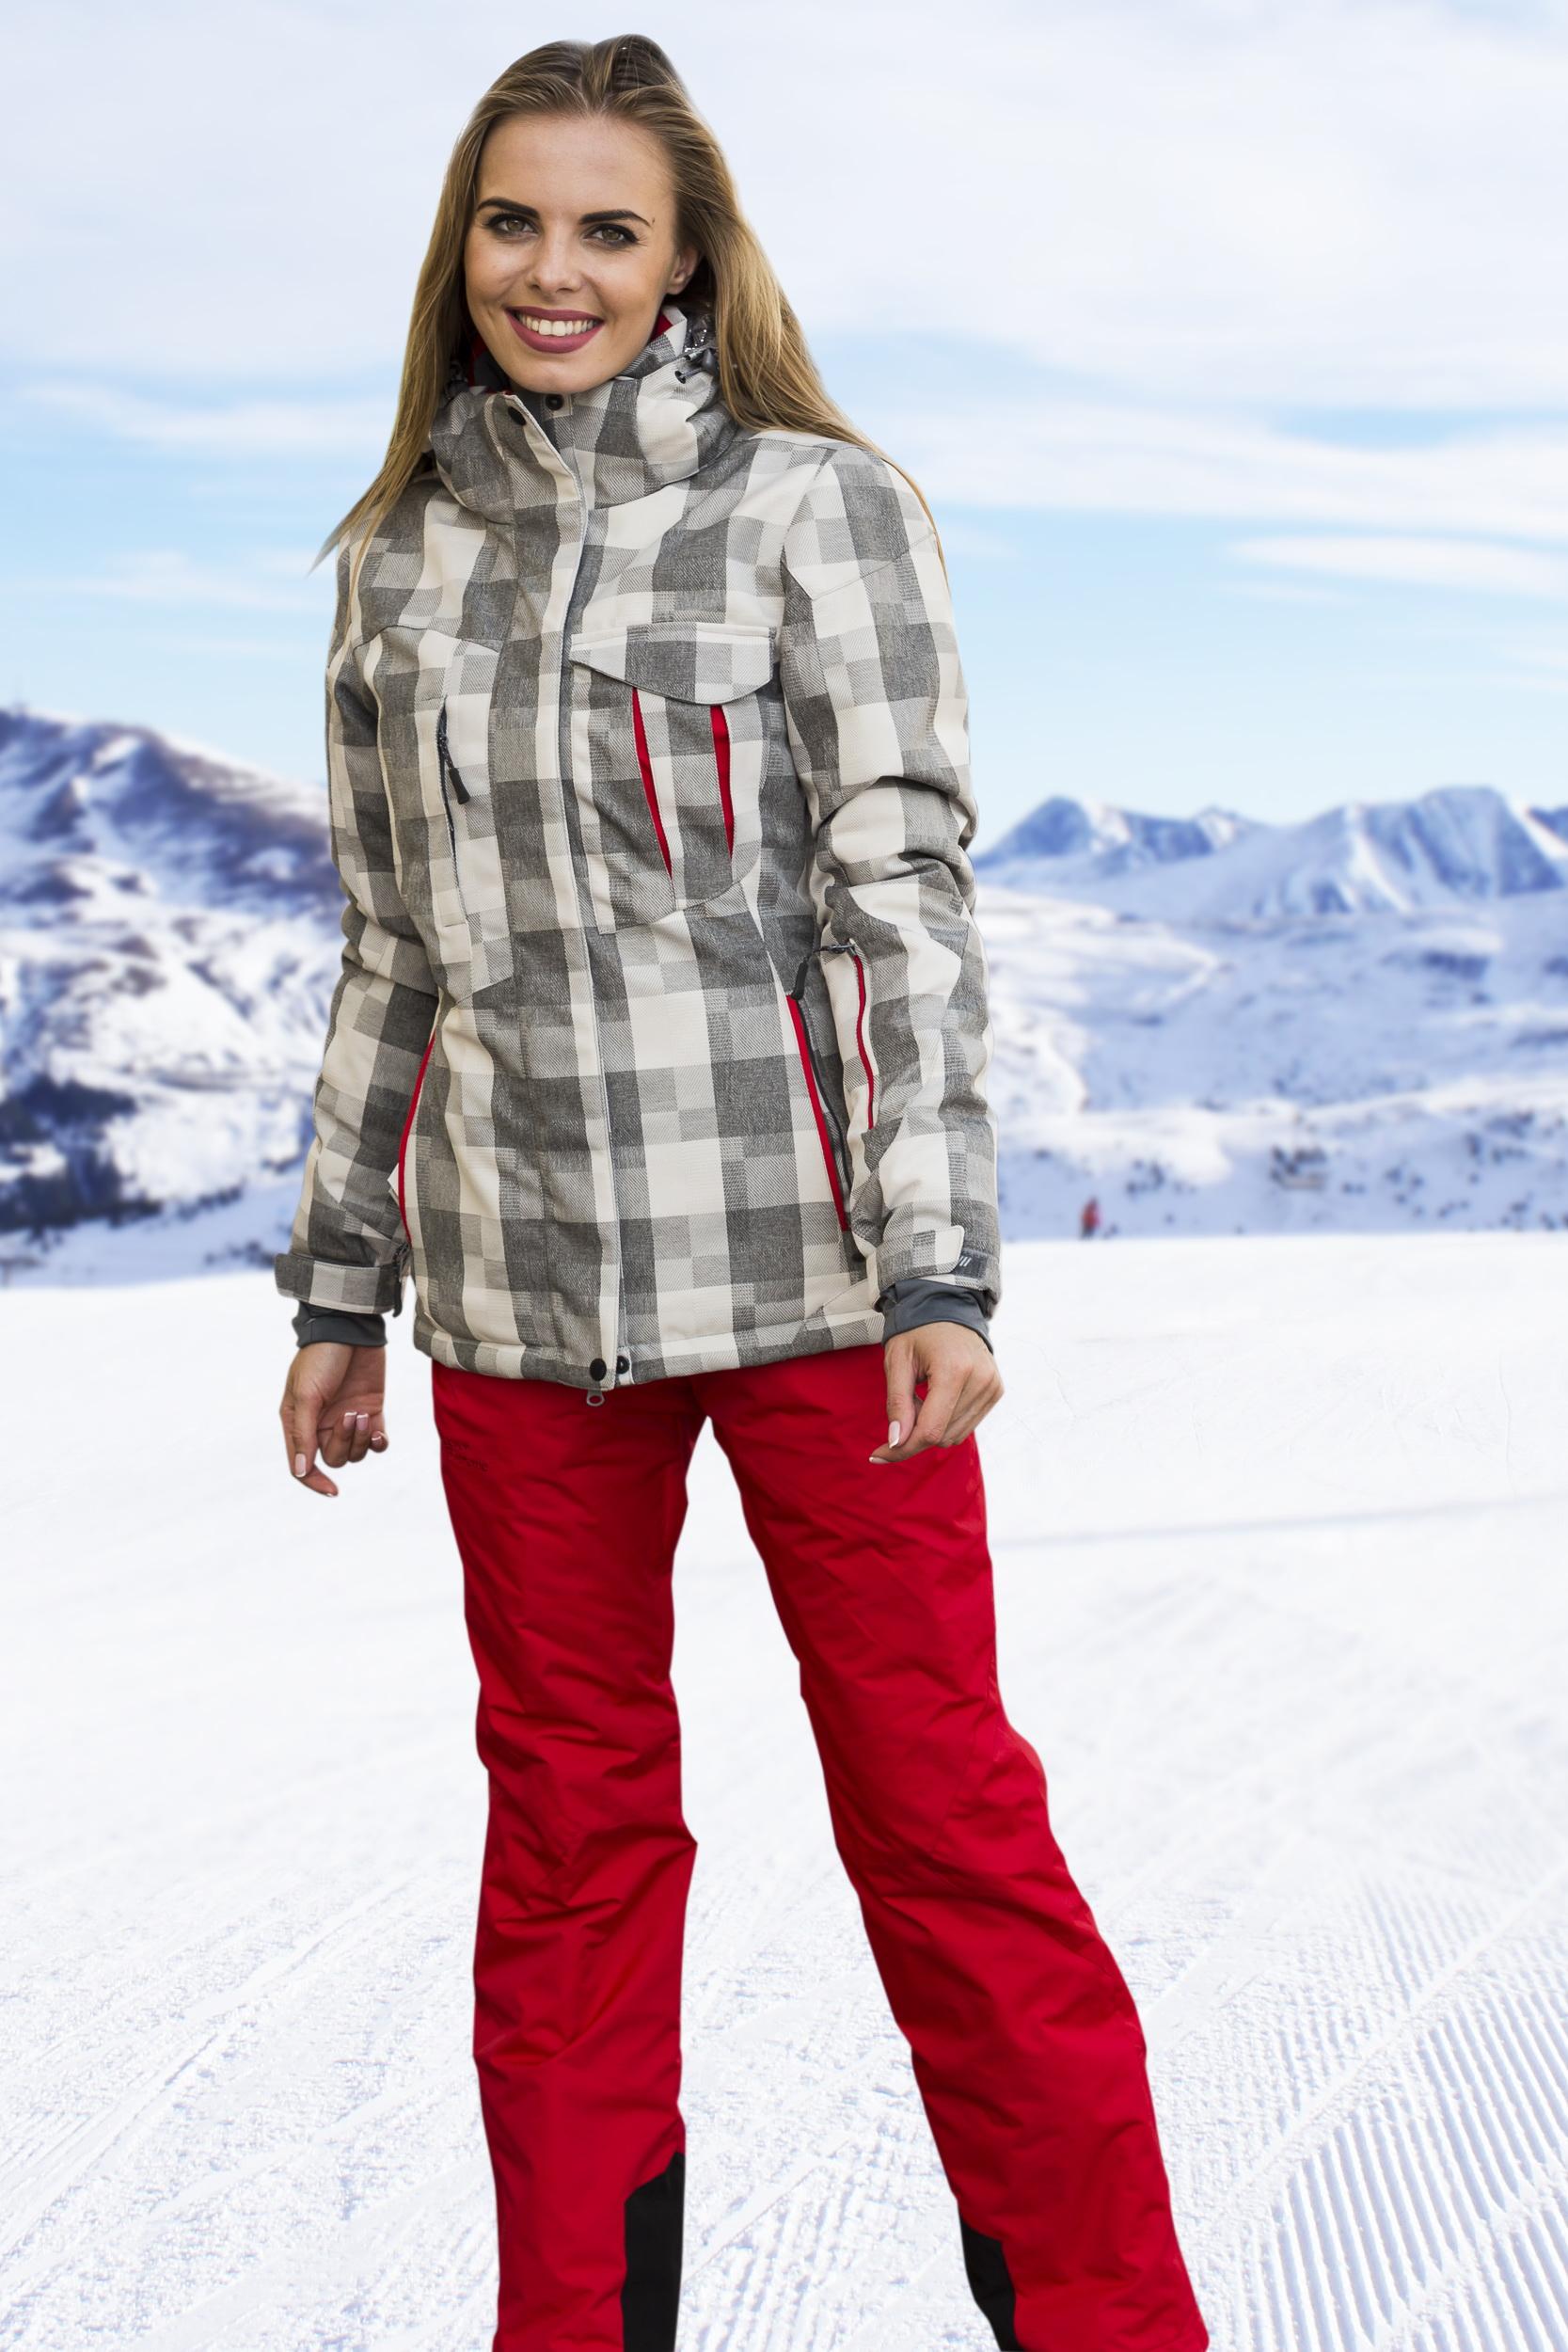 купит лыжный костюм недорого во владивостоке